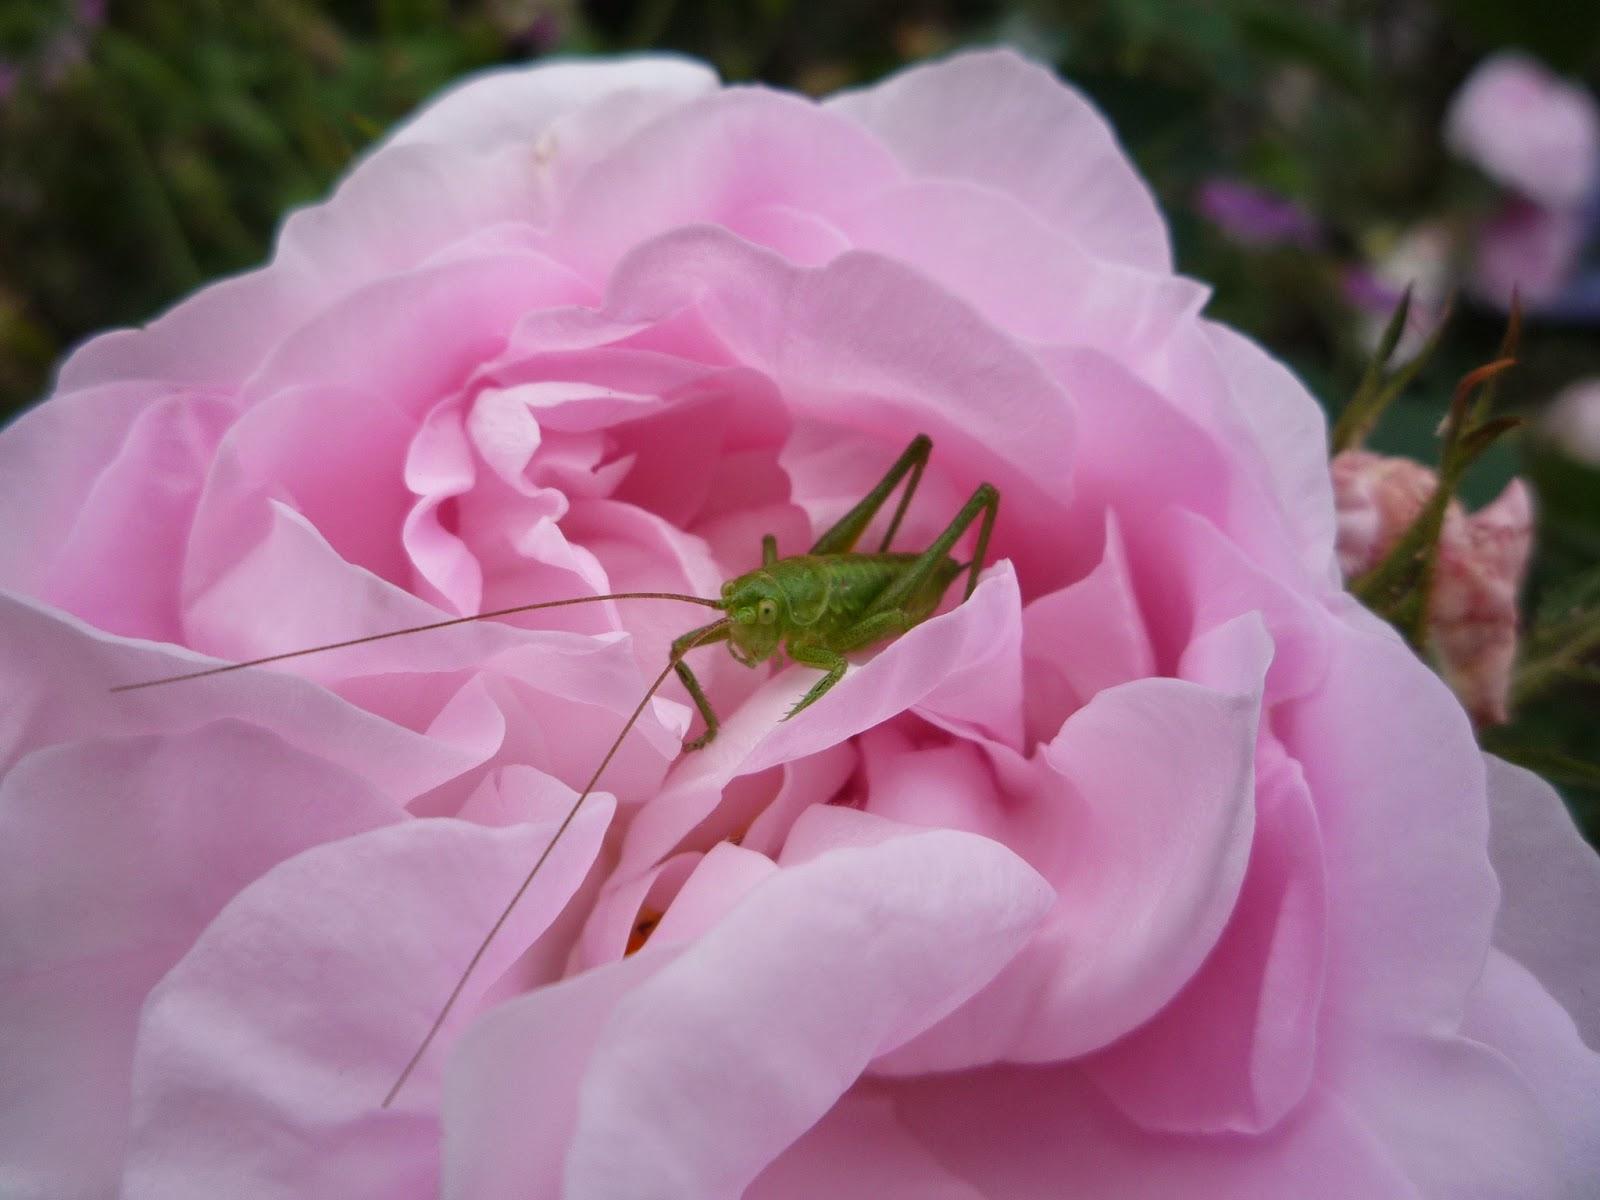 Cuisse de nymphe rose with bush cricket